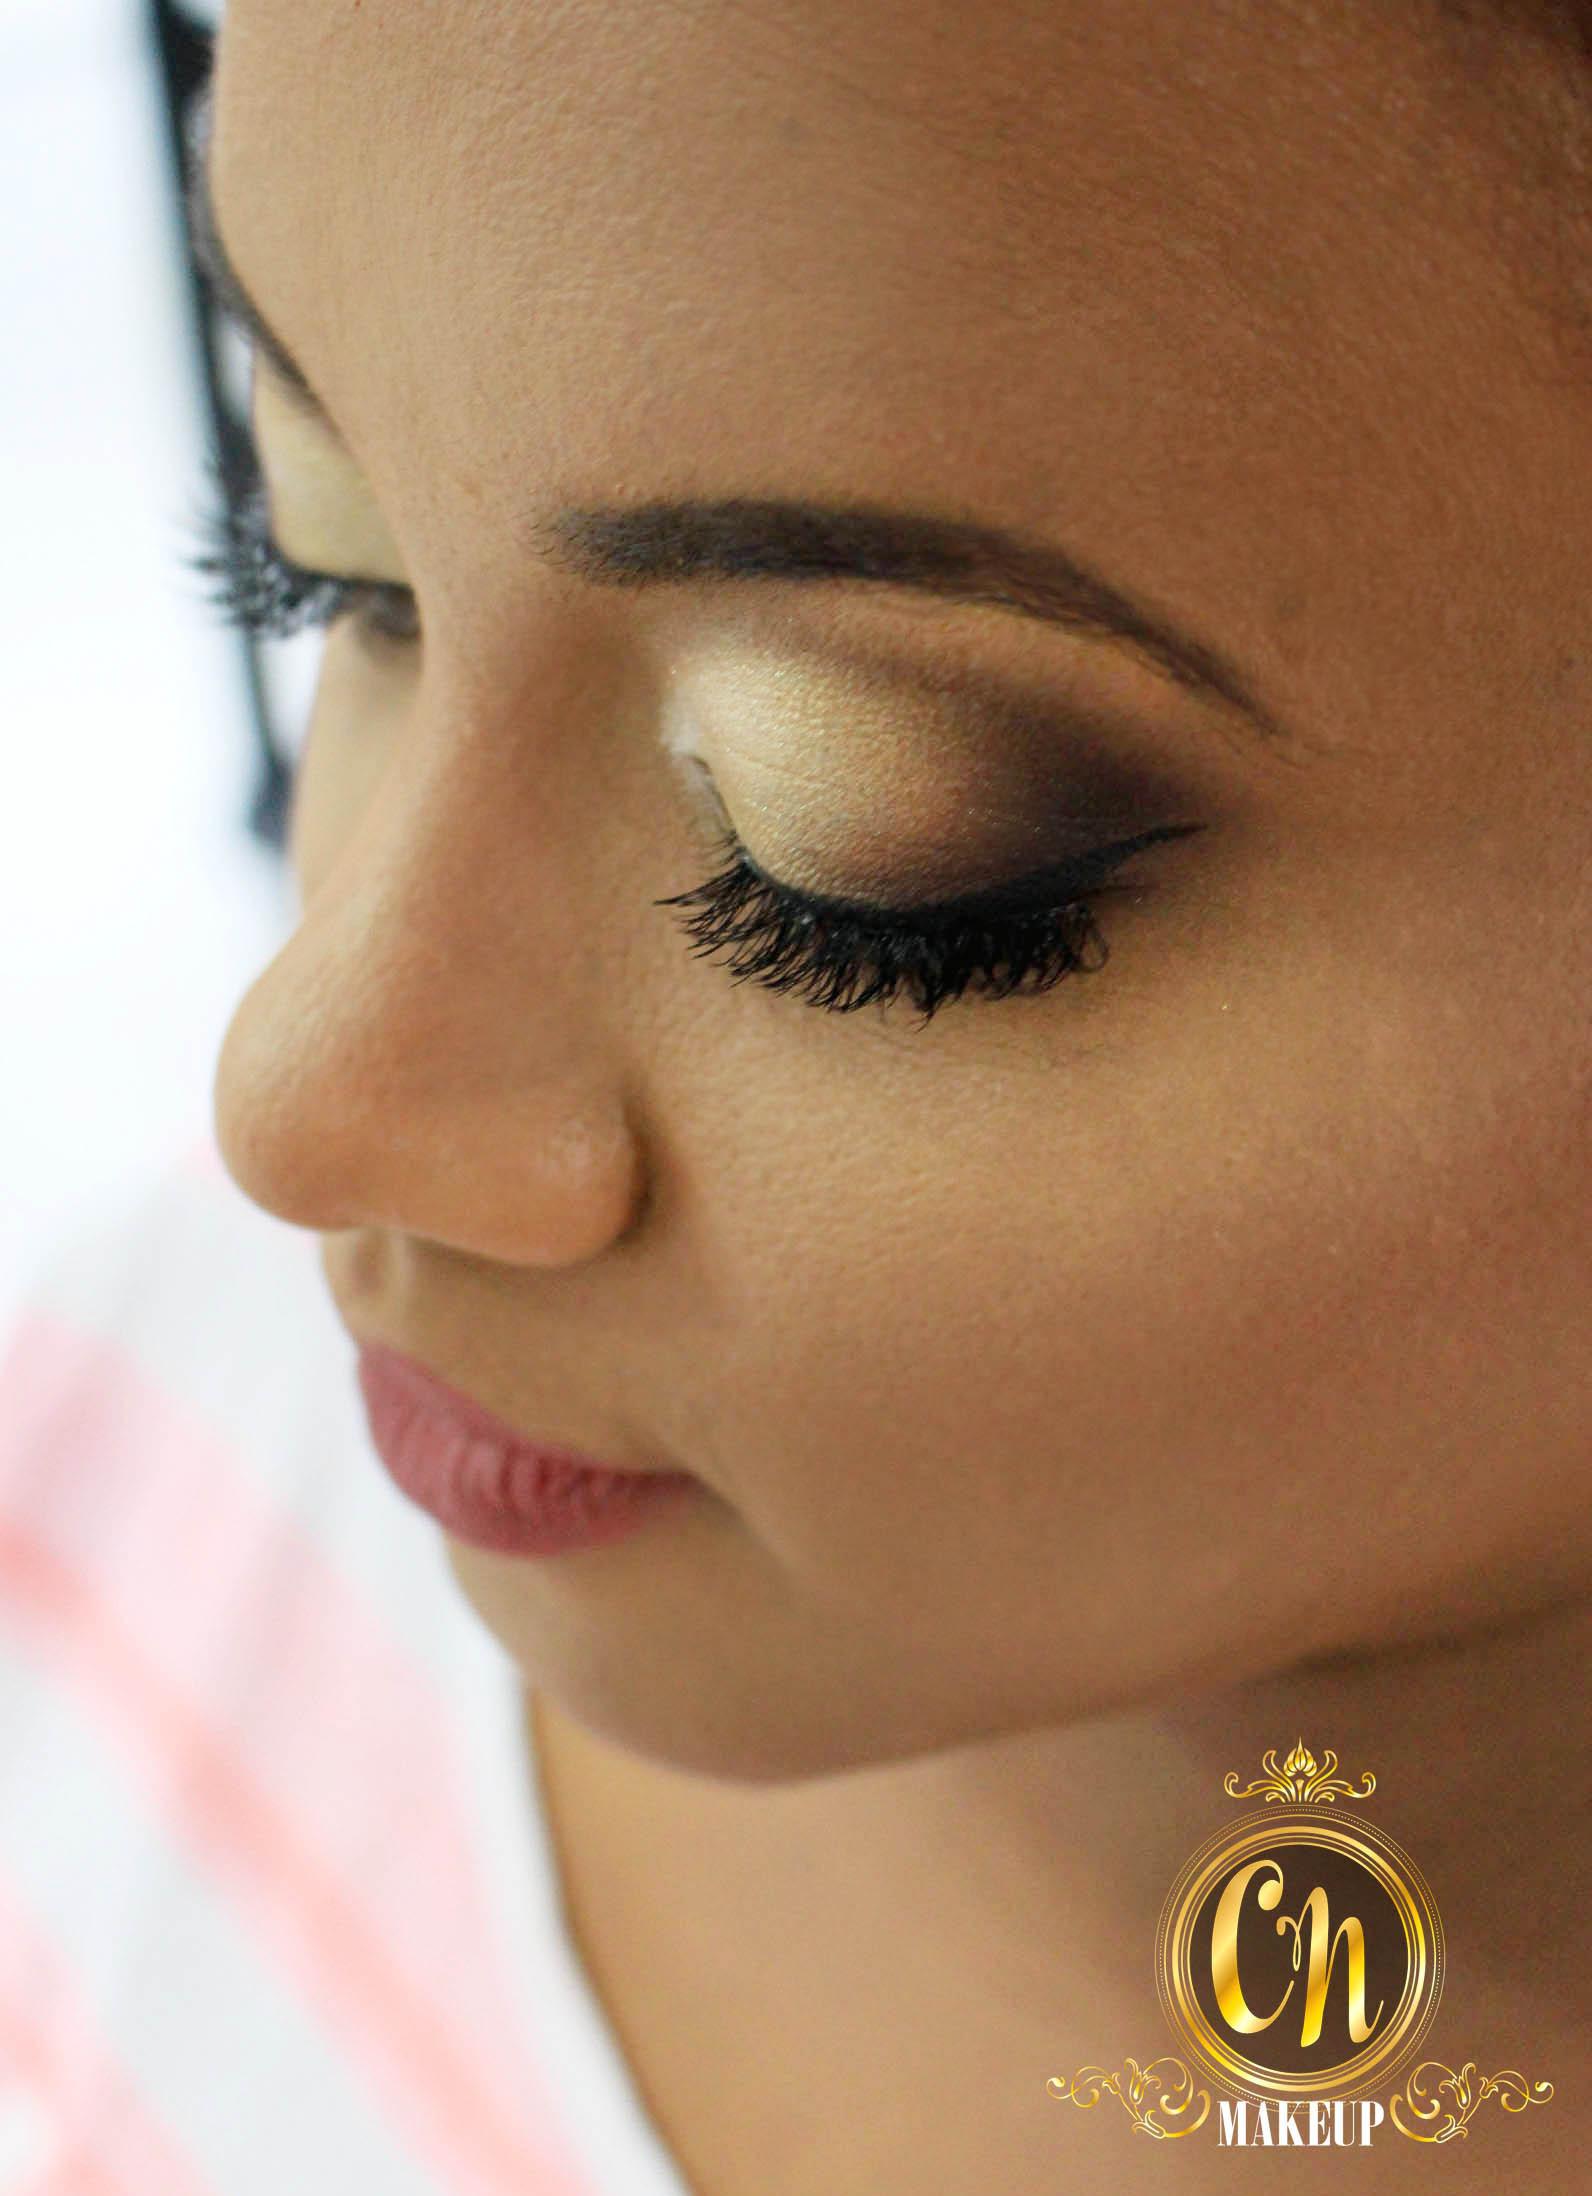 Maquiagem dourada para noiva ♥ #maquiagemnoiva #pelenegra #maquiagemdourada #goldmakeup maquiagem maquiador(a)